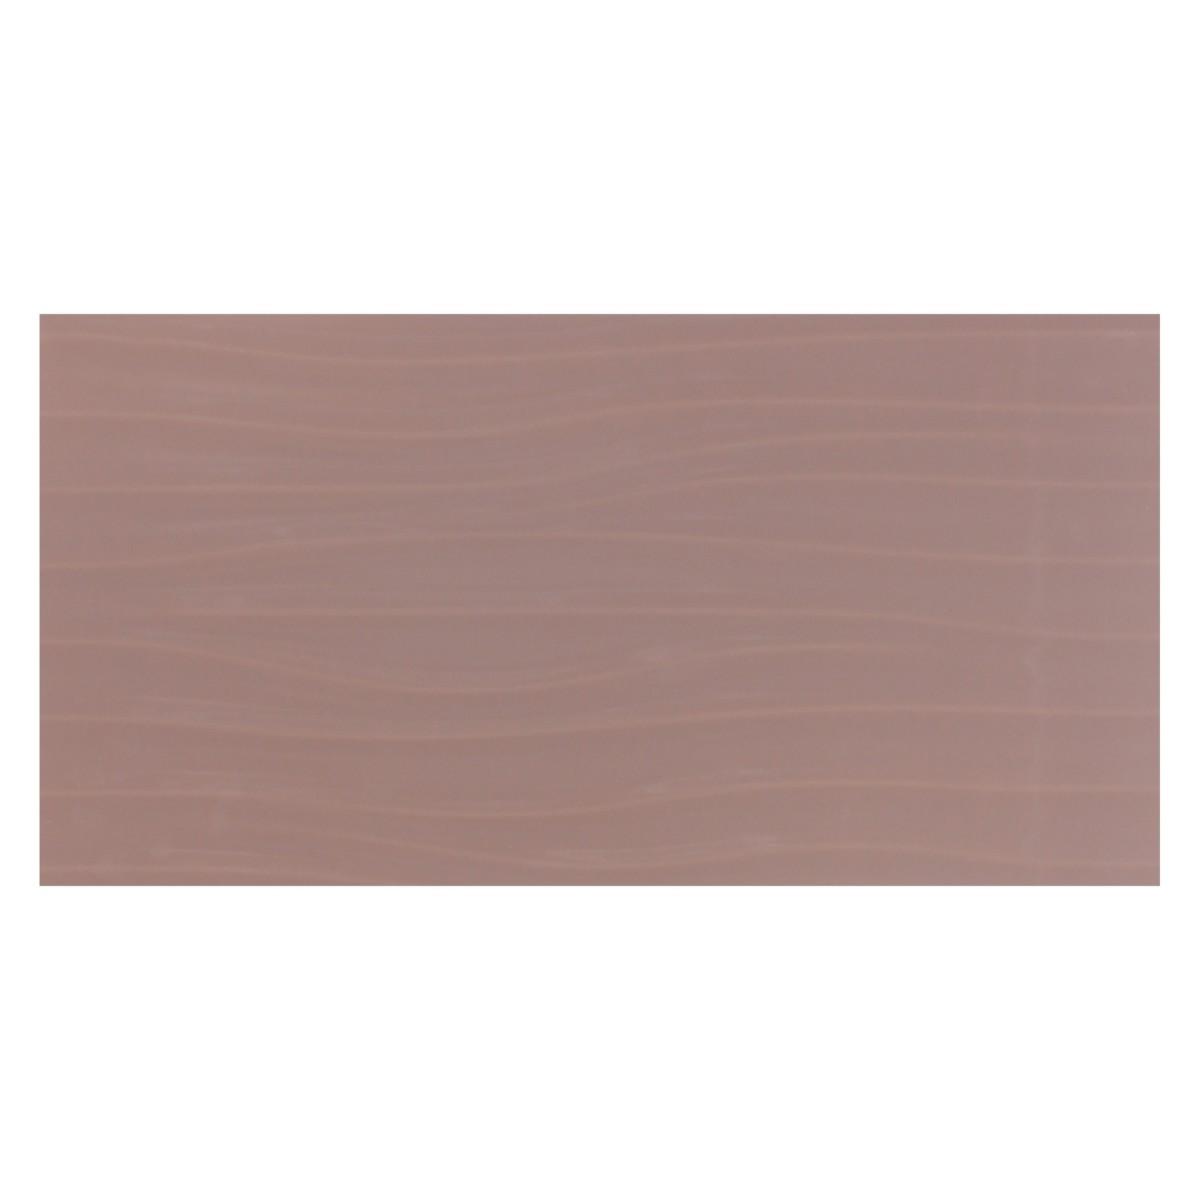 Плитка  Дюна 4Т 60x30 см 1.8 м2 цвет коричневый